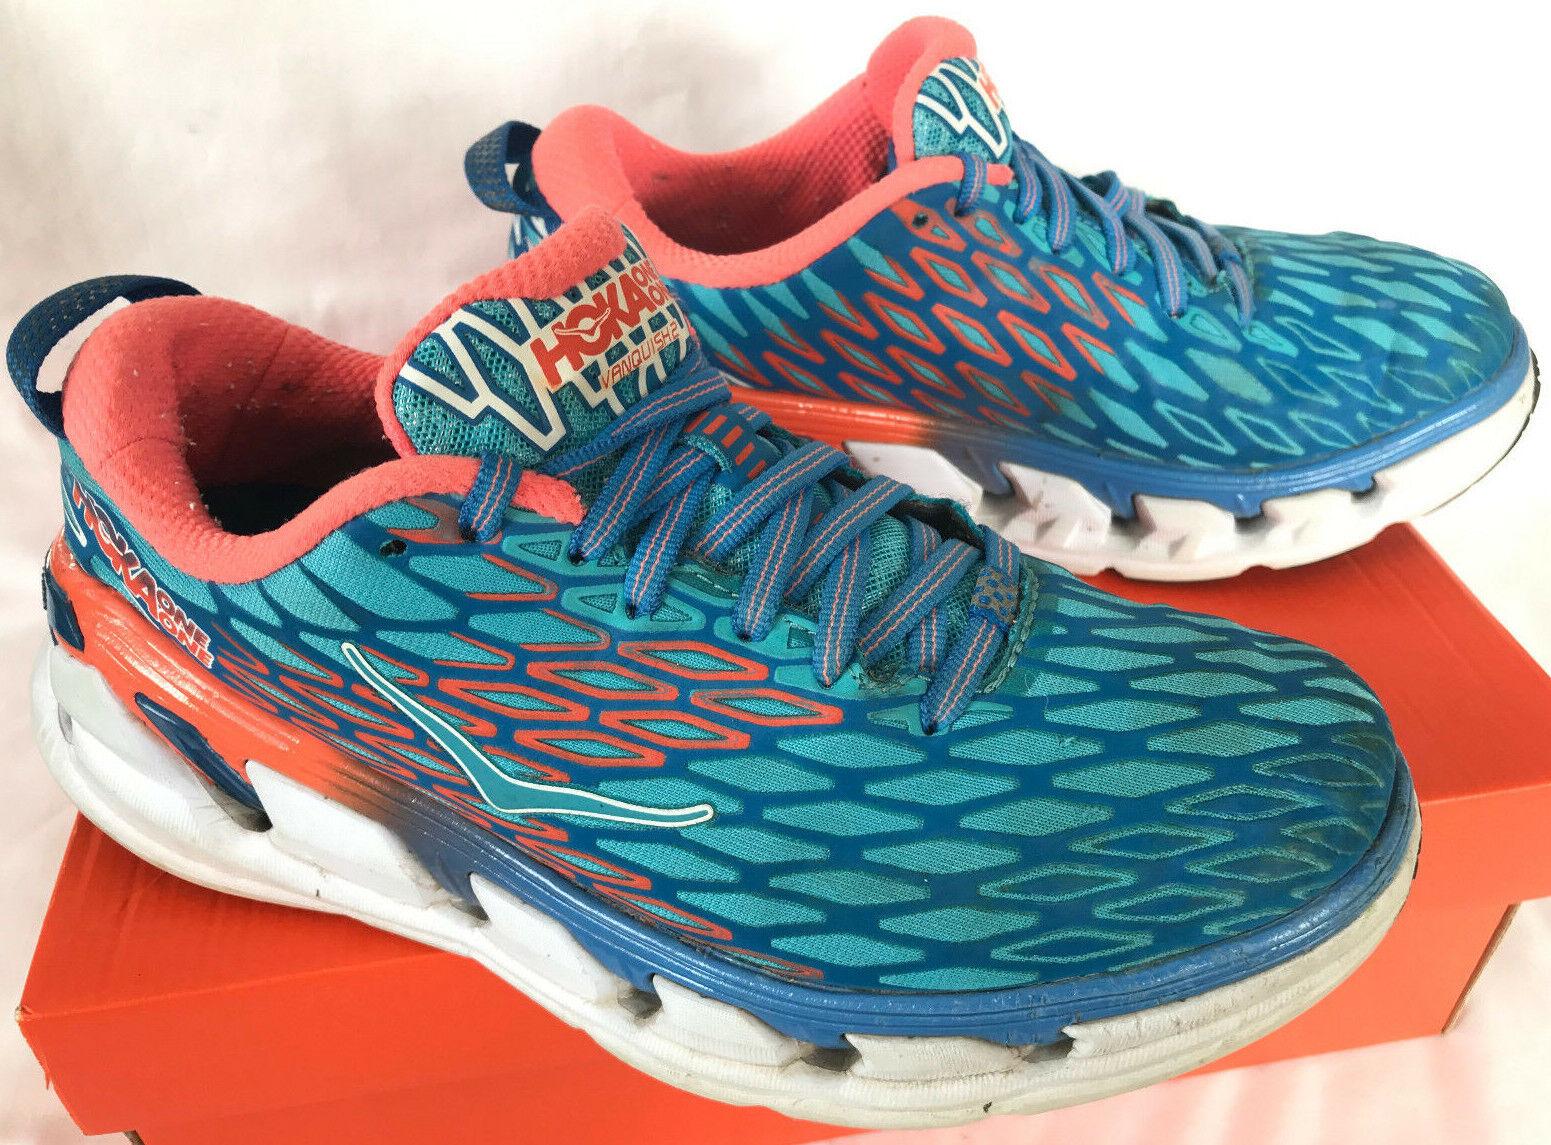 HOKA One One W Vanquish 2 bluee 1011361 Cushion Marathon Running shoes Women's 8